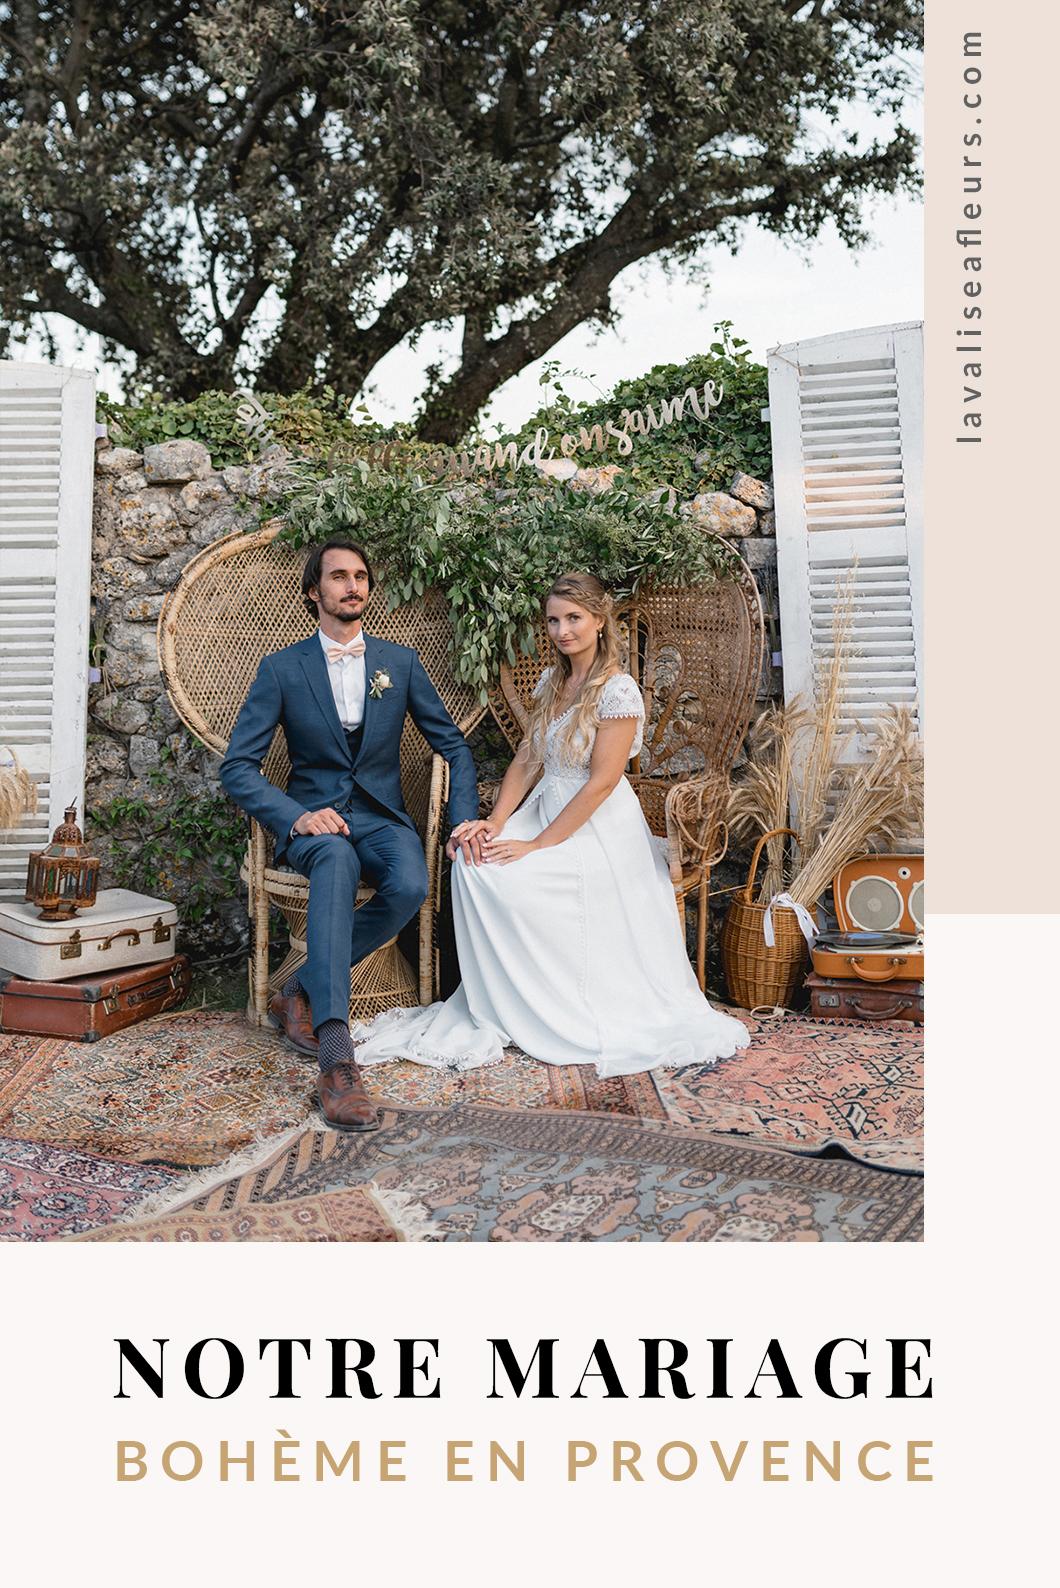 Notre mariage bohème en Provence